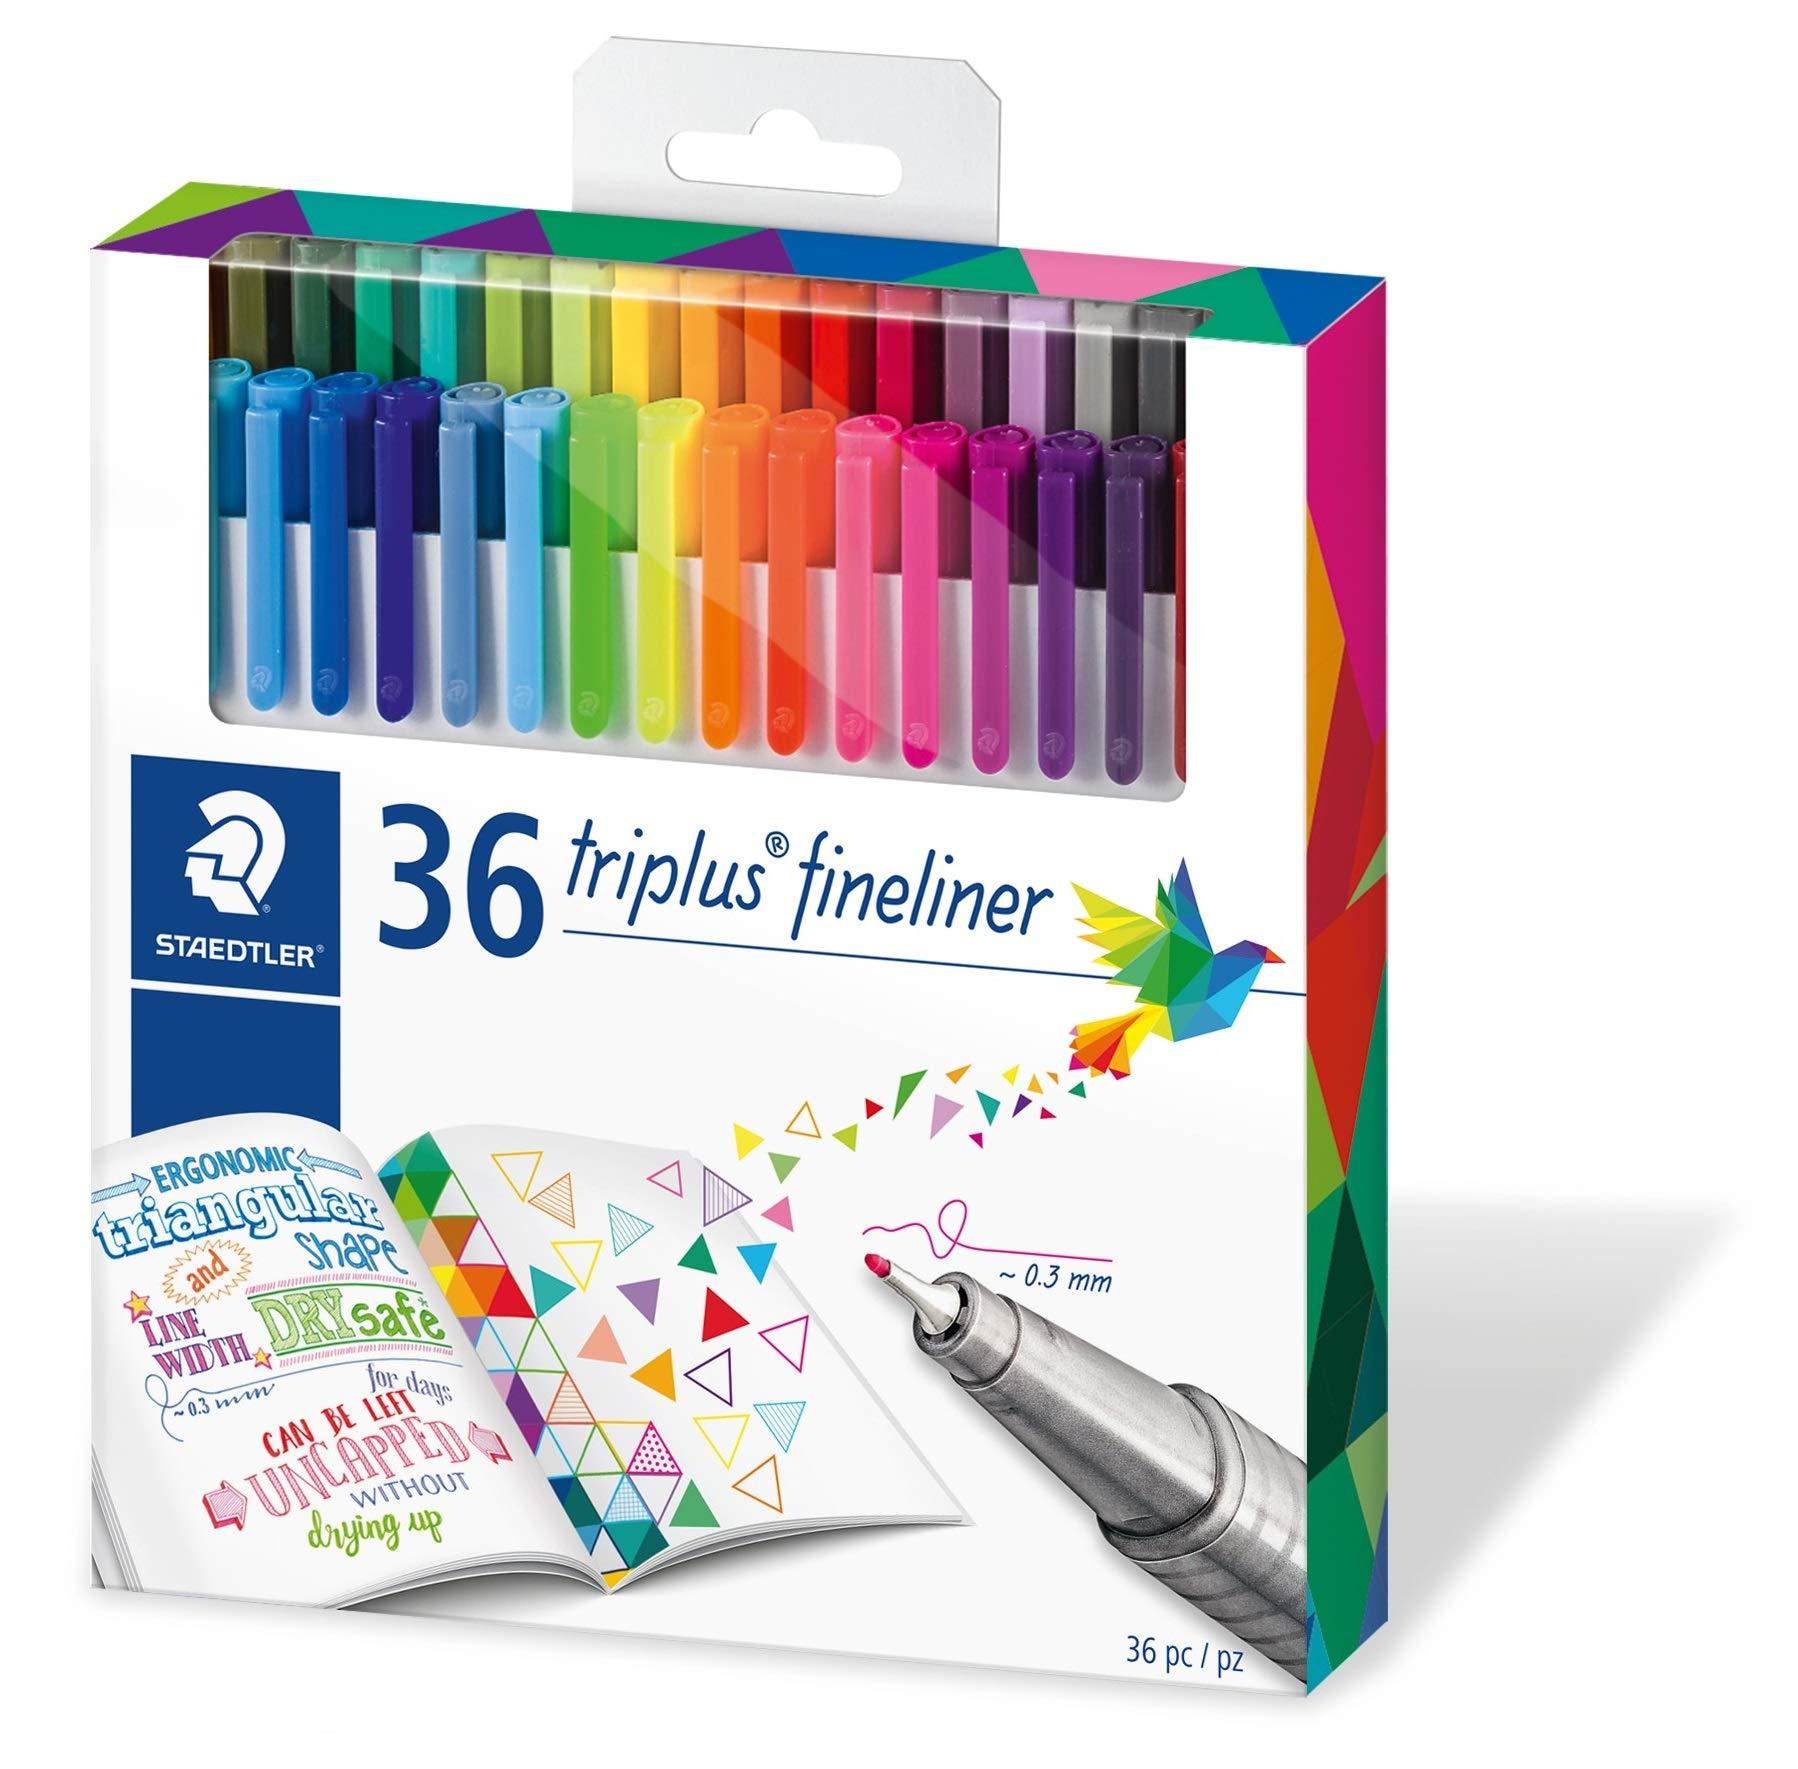 Staedtler Color Pen Set, Set of 36 Assorted Colors (Triplus Fineliner Pens) by STAEDTLER